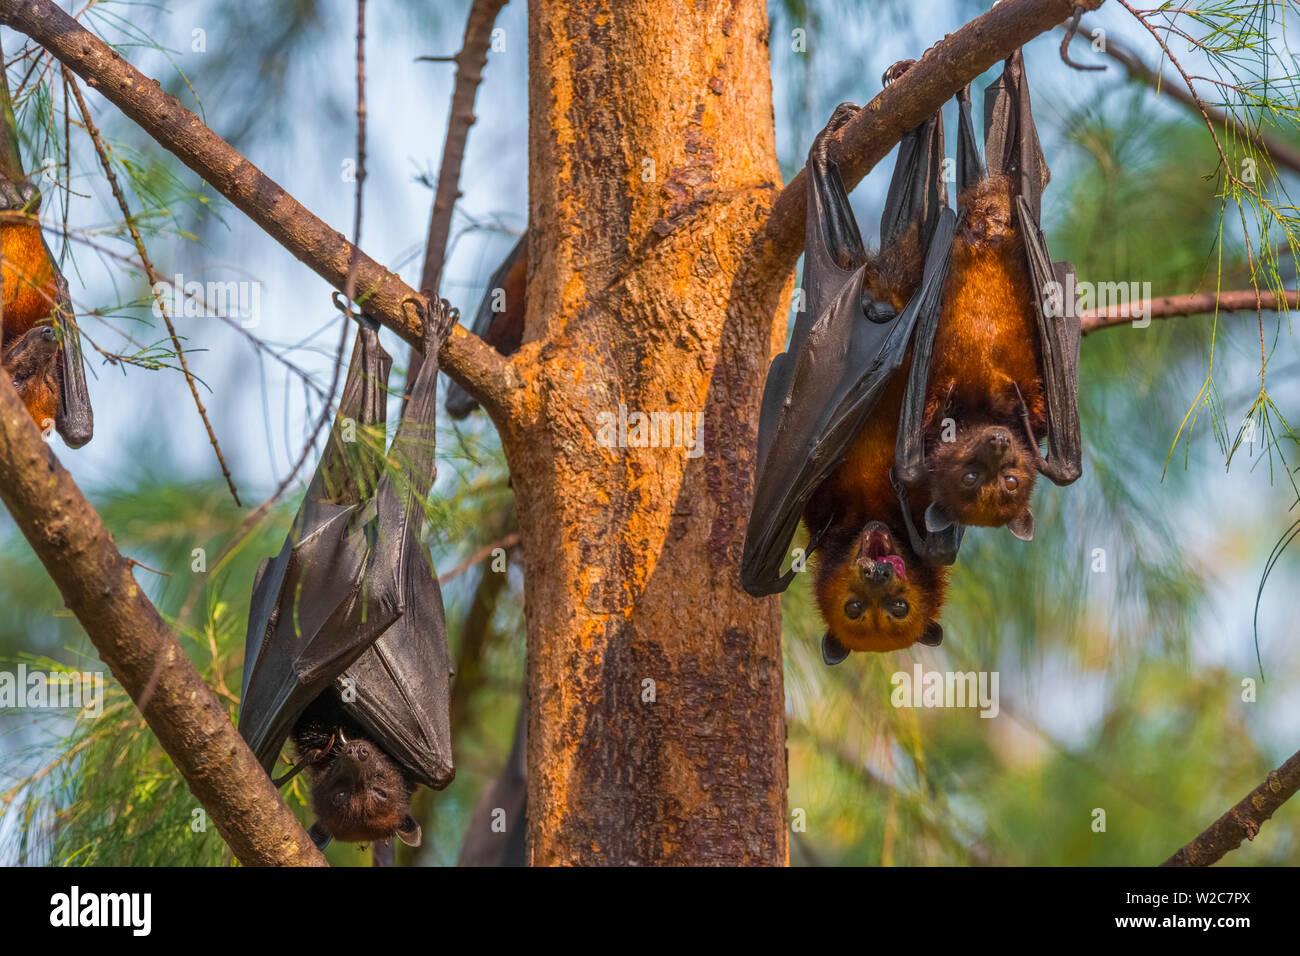 Malasia, Pahang, Pulau Tioman (la isla de Tioman), pequeña isla o Flying Fox (Pteropus hypomelanus) Foto de stock